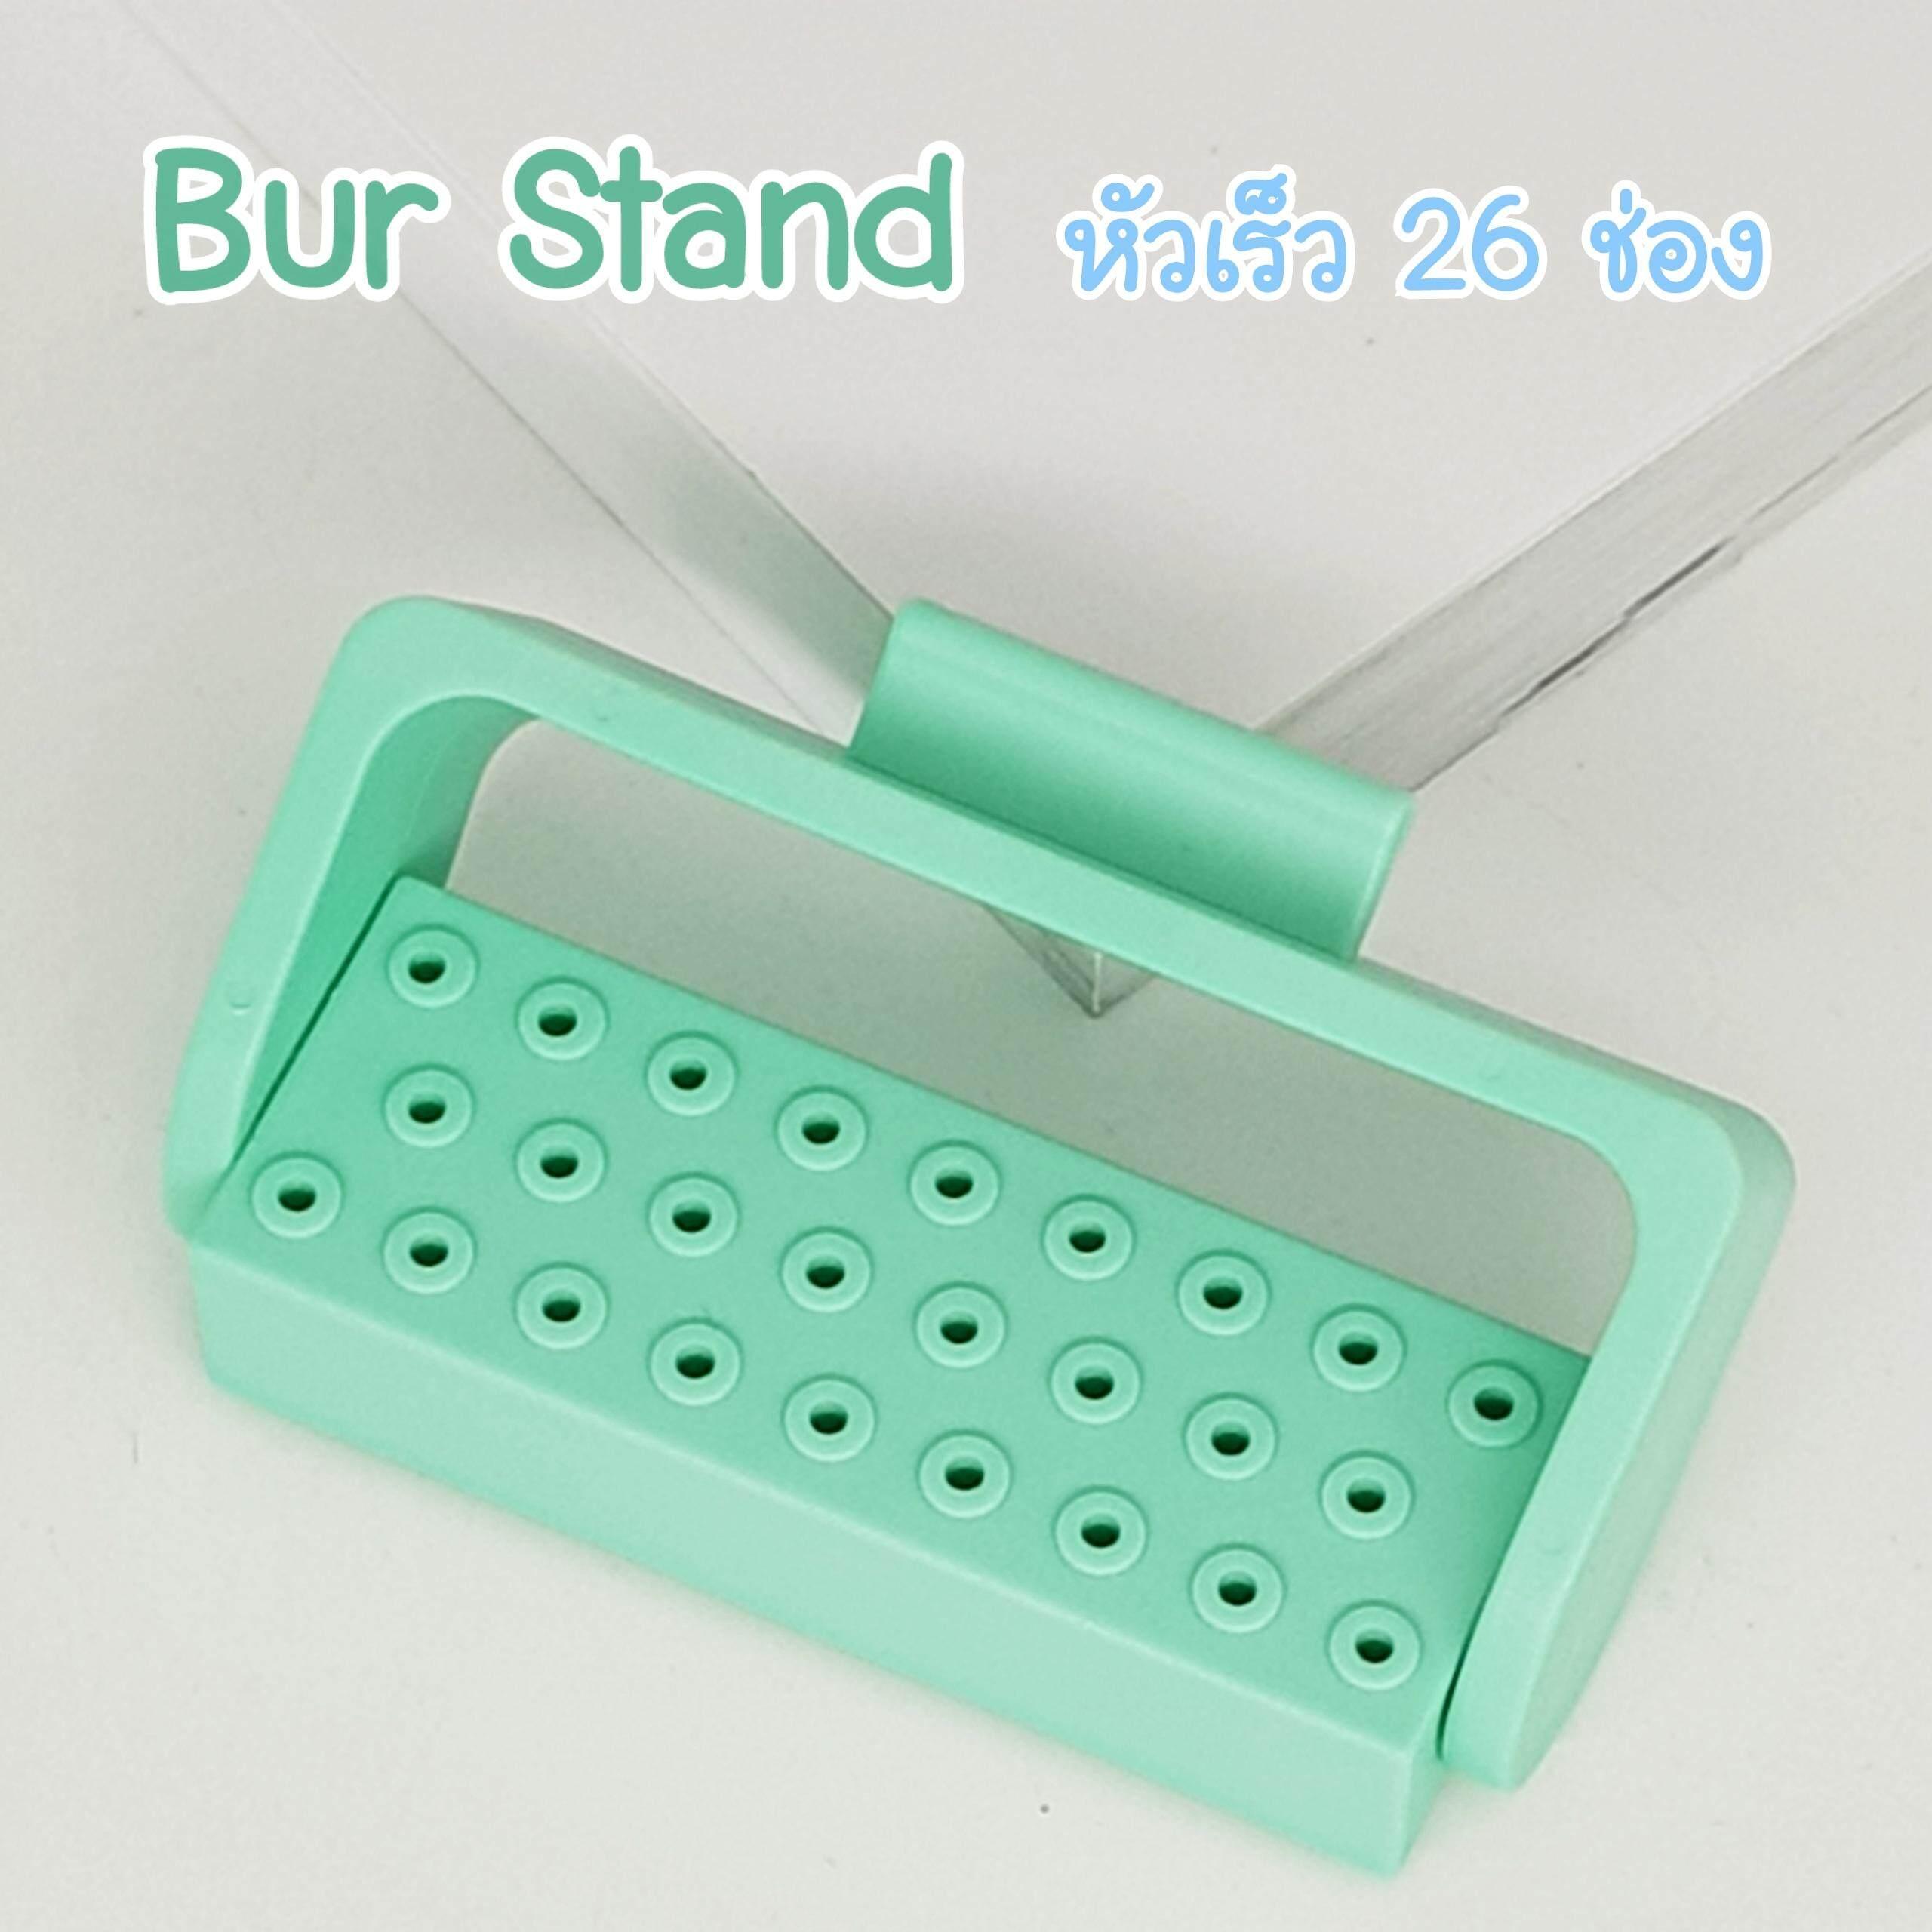 กล่องใส่หัวกรอ ทันตกรรม แบบ 26 ช่อง (หัวกรอเร็วทั้งหมด) สีเขียว Bur Stand 26 Slots Autoclaveable Green By Dentfordent.